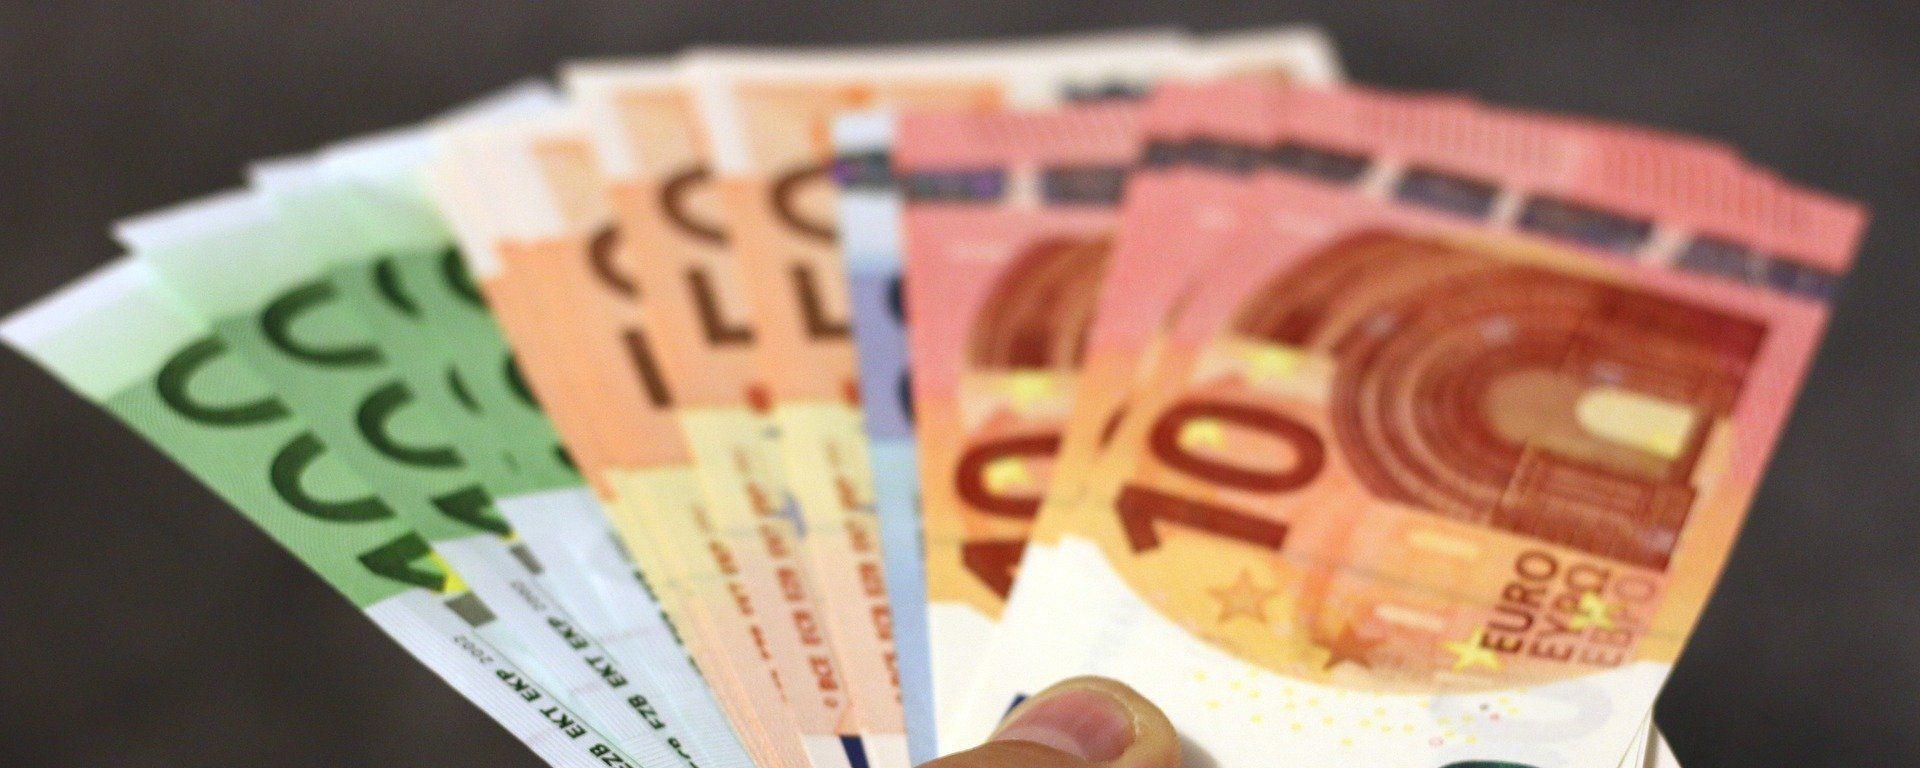 Billetes de dinero en euros - Sputnik Mundo, 1920, 05.03.2021